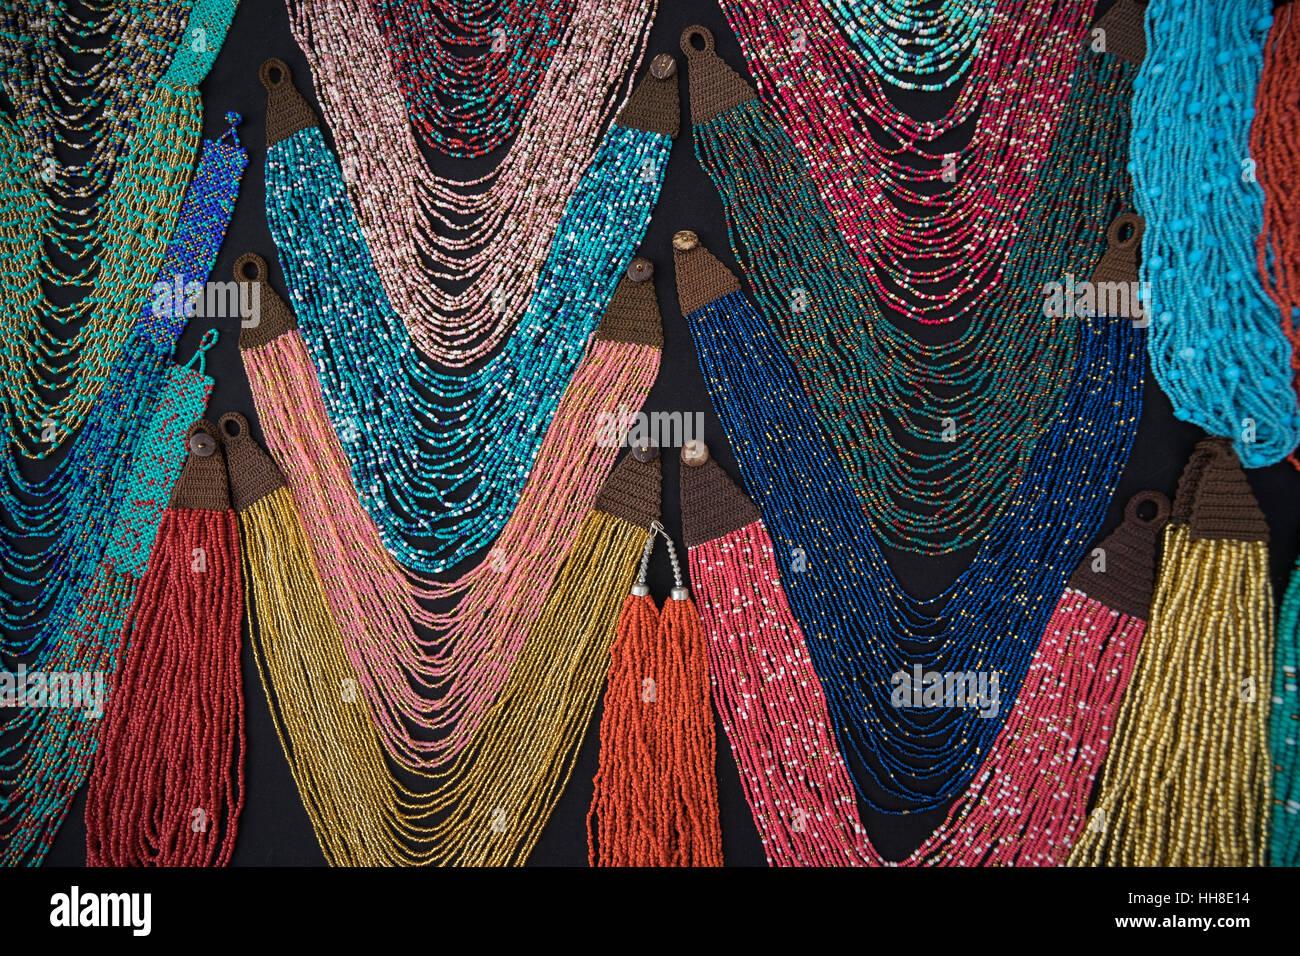 Microbolas joyería closeup en mercado de Otavalo Ecuador Imagen De Stock